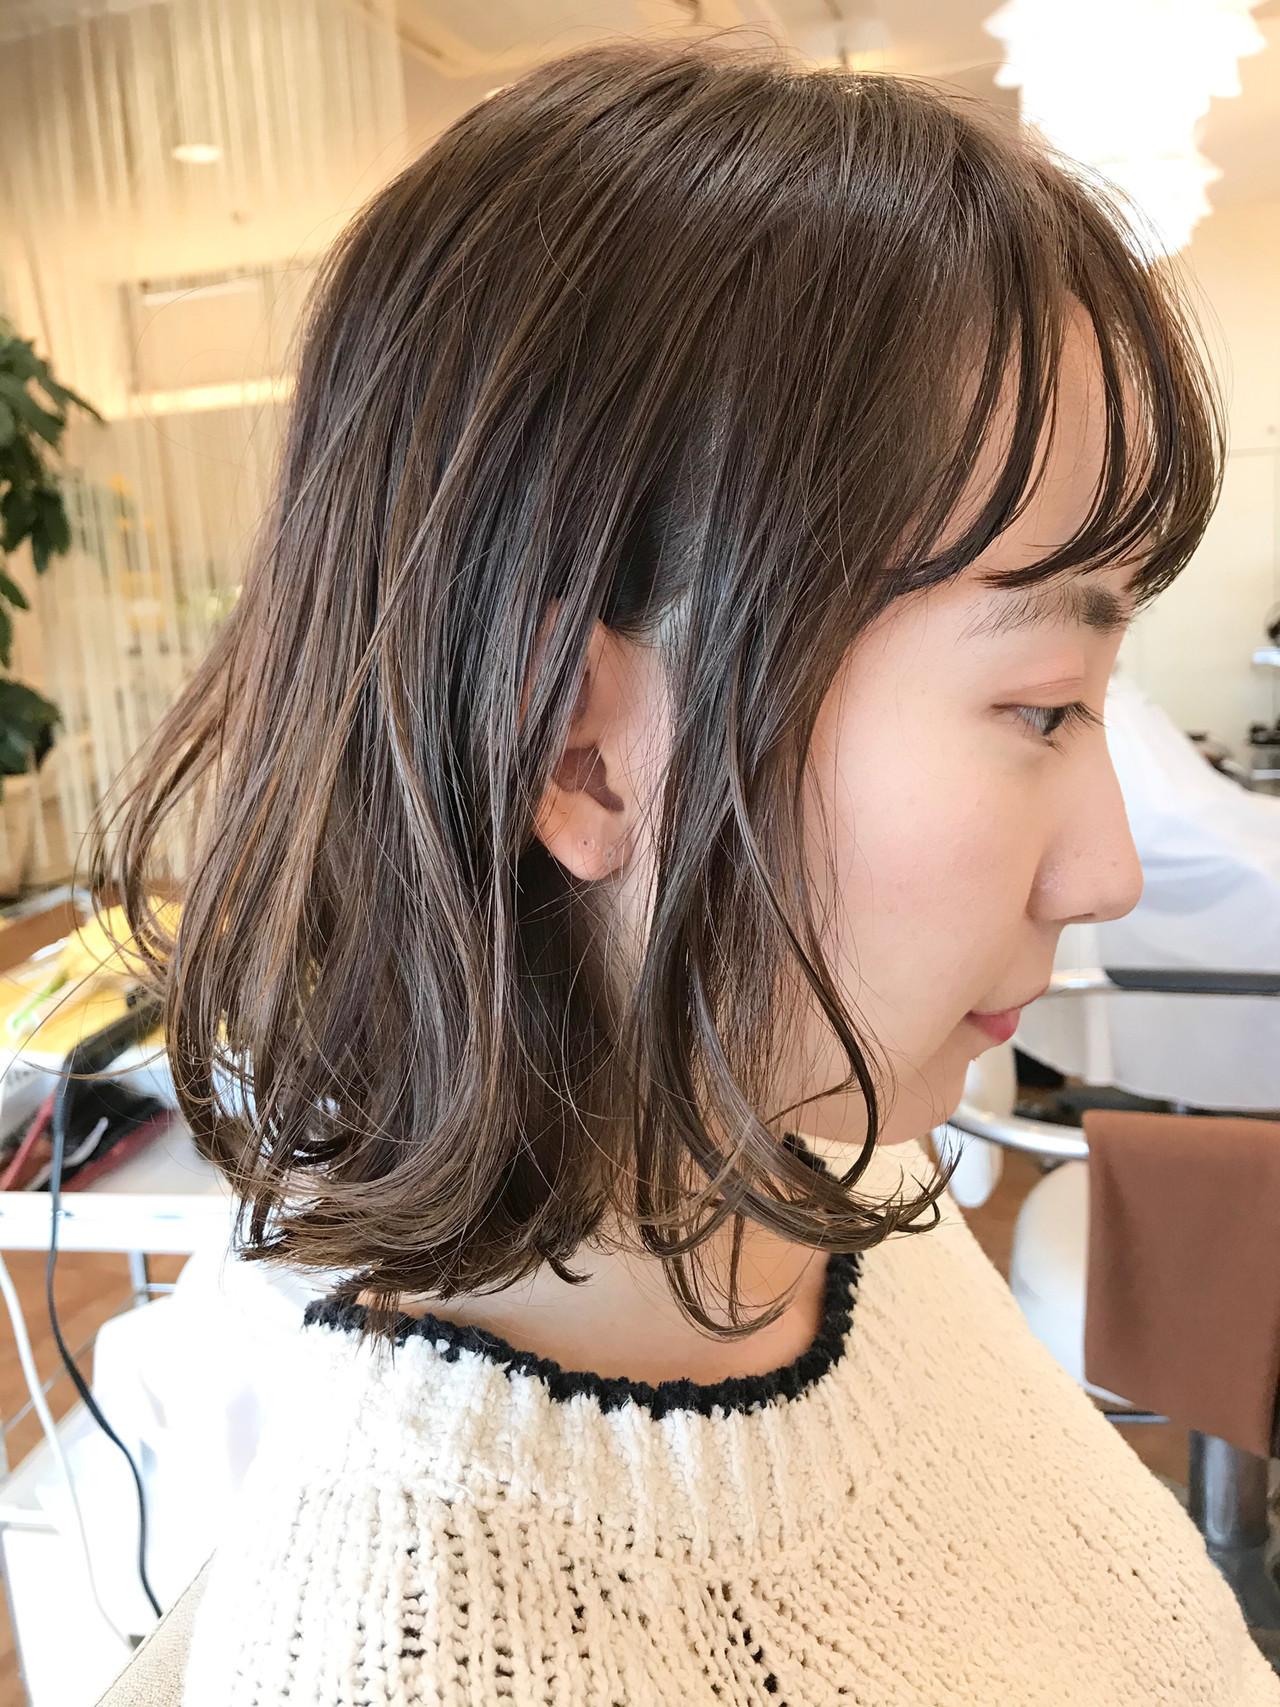 グラデーションカラー ナチュラル 透明感カラー ゆるふわパーマ ヘアスタイルや髪型の写真・画像